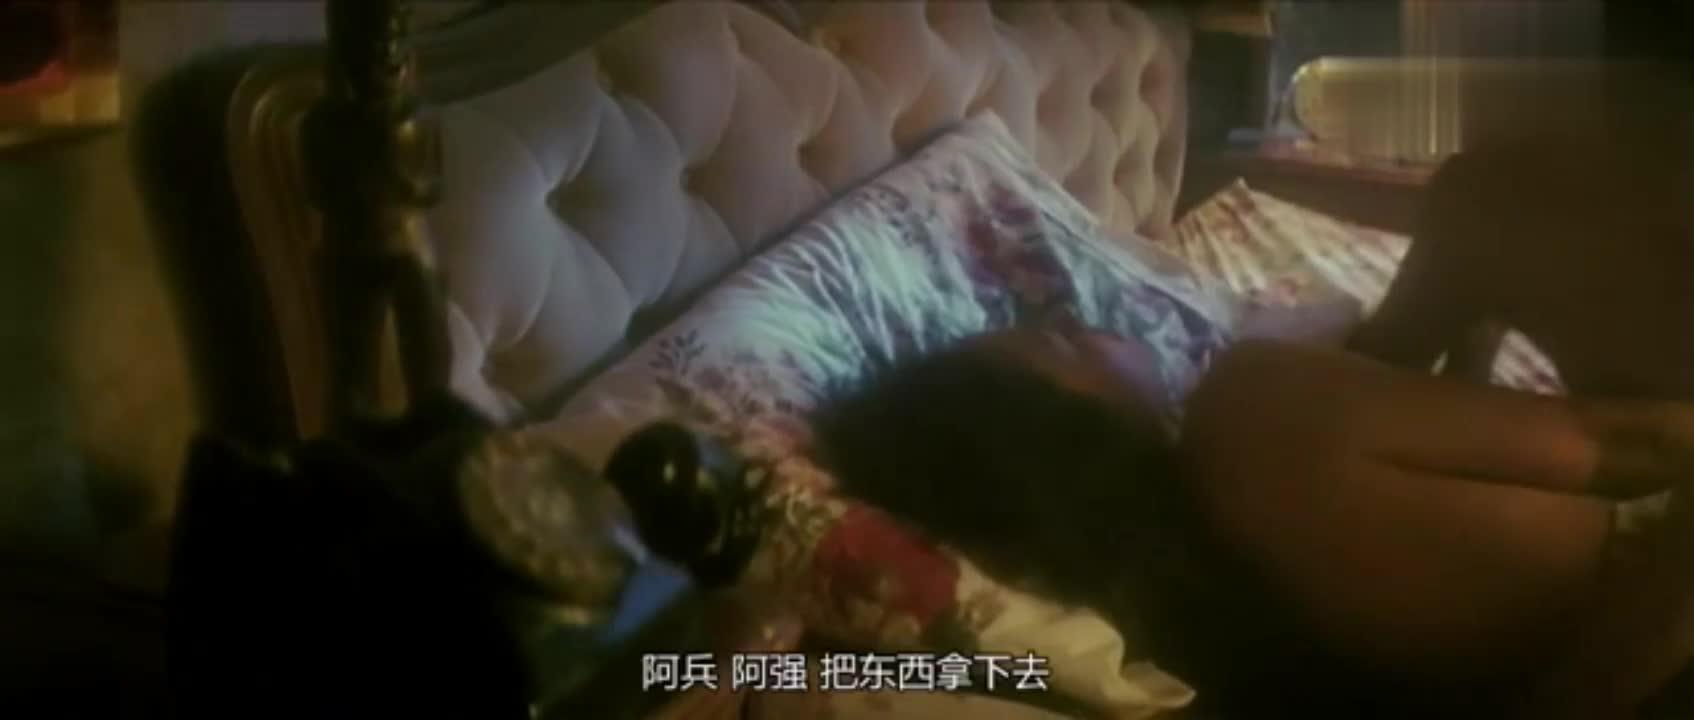 美女吻戏床戏电影最火美女叶子楣大全衣服跛豪-a美女视频v美女-包.美女的撕开激情游戏的图片